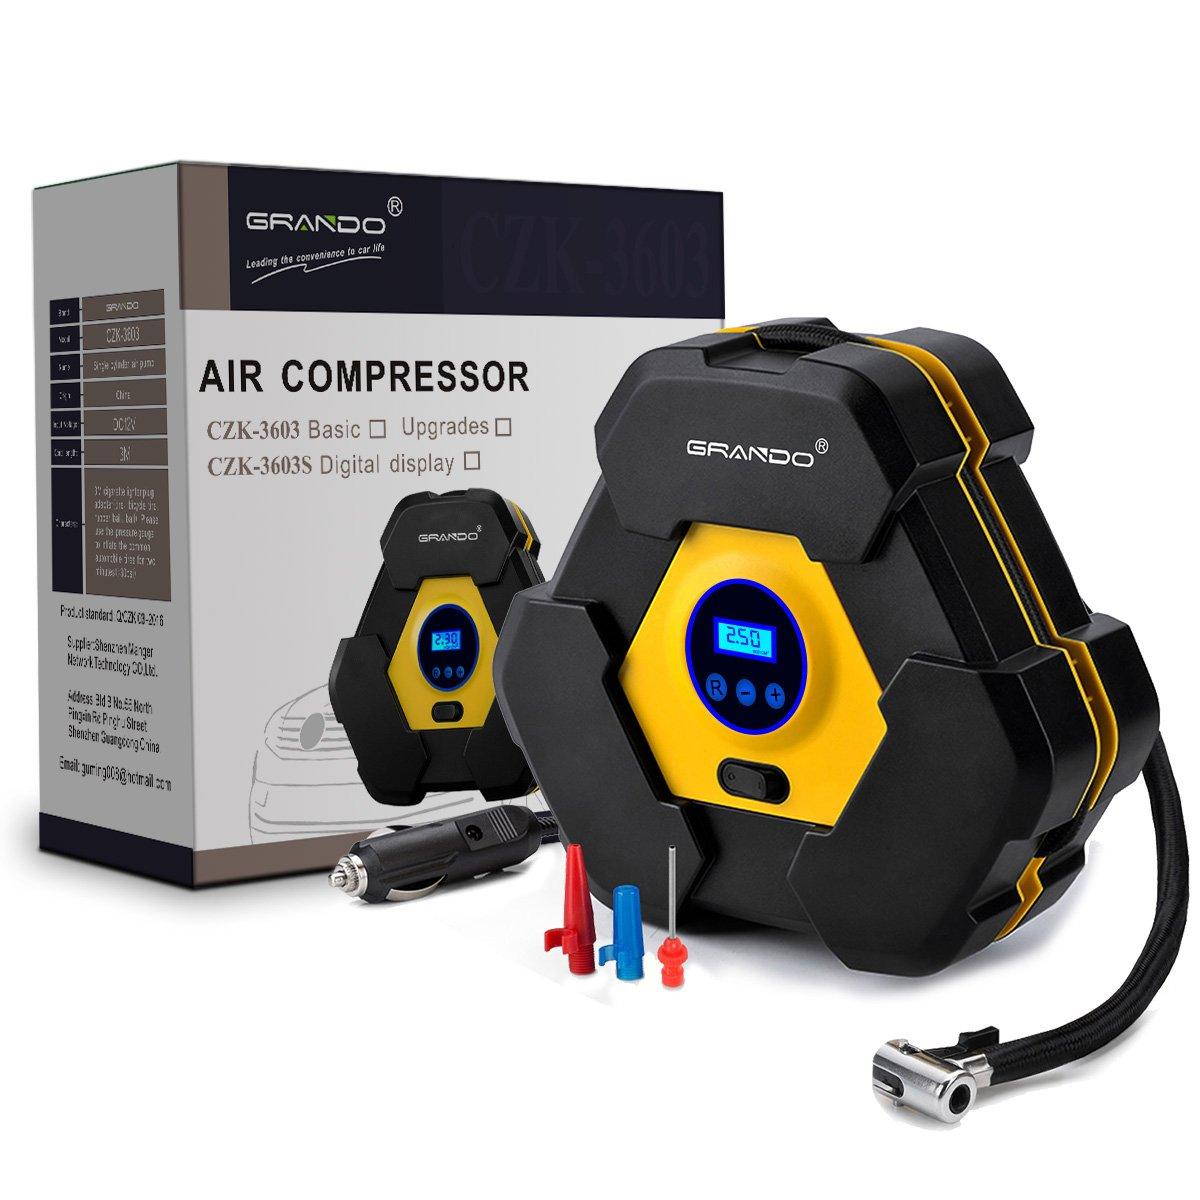 Gran Compresor de Aire Automático con pantalla digital DC V Amperios PSI